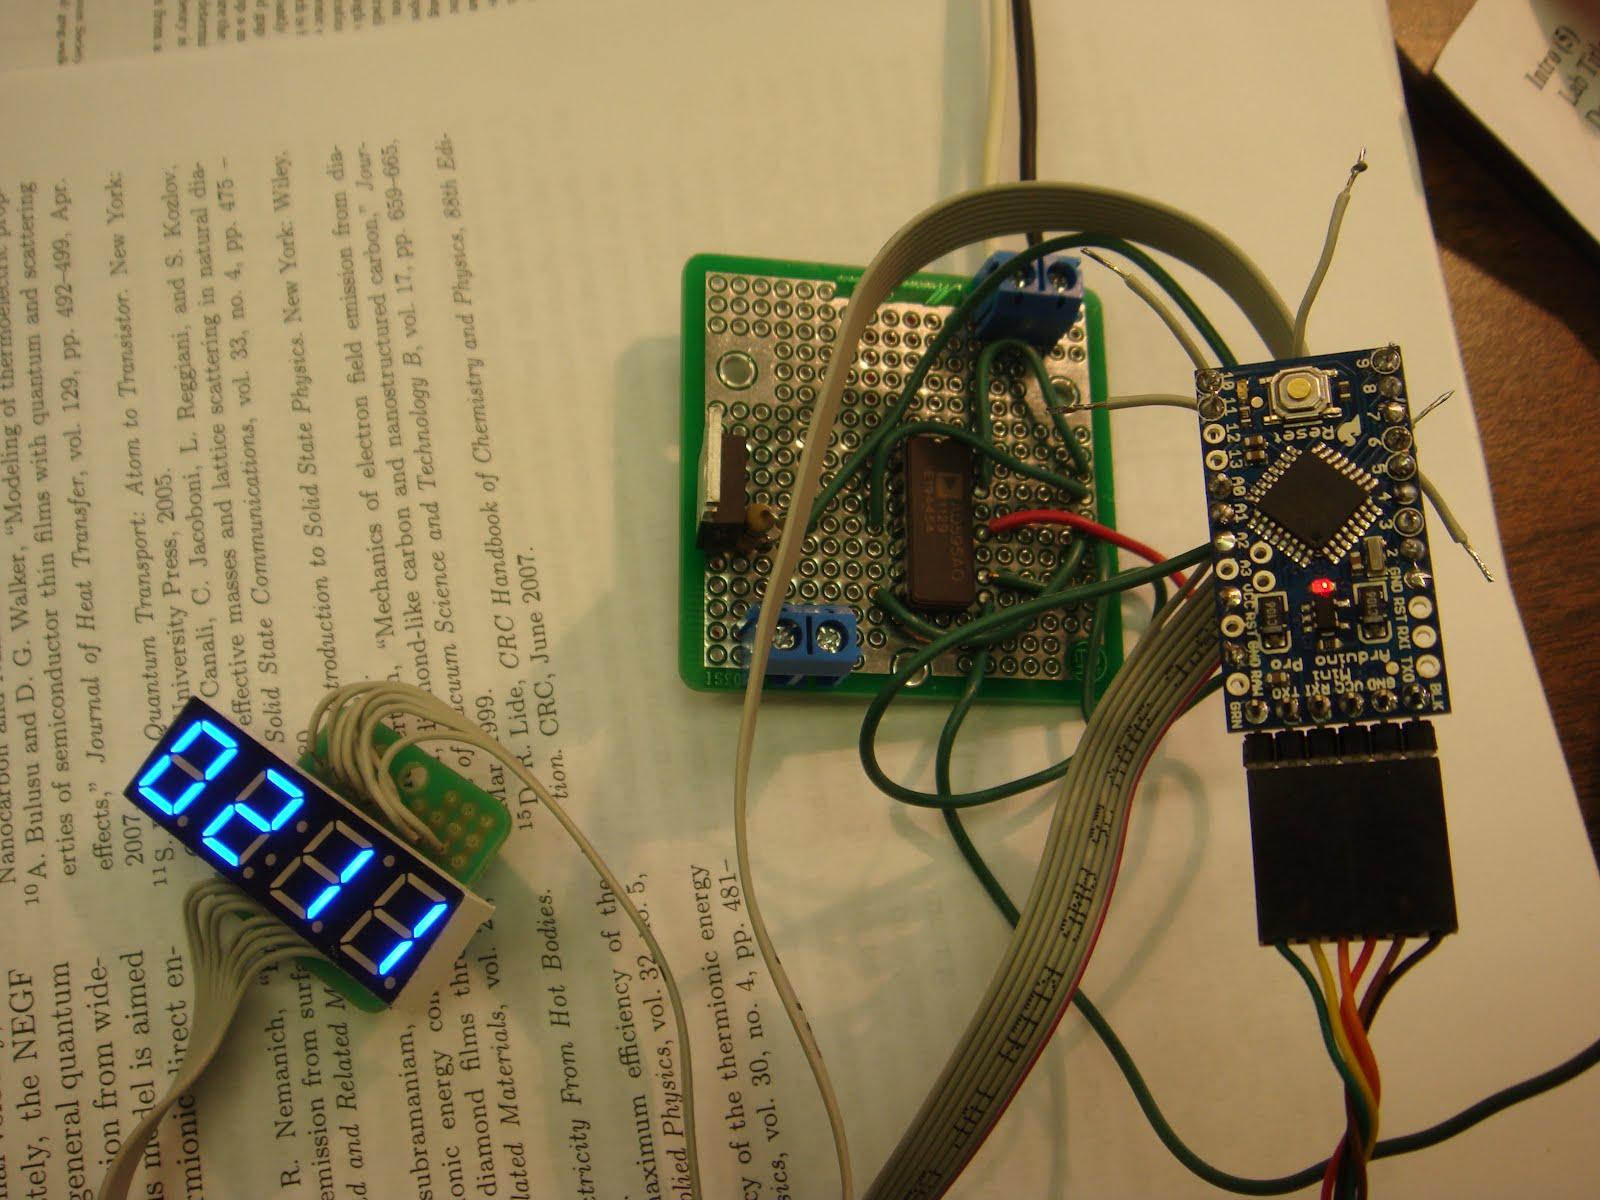 Самоделки на arduino своими руками 4